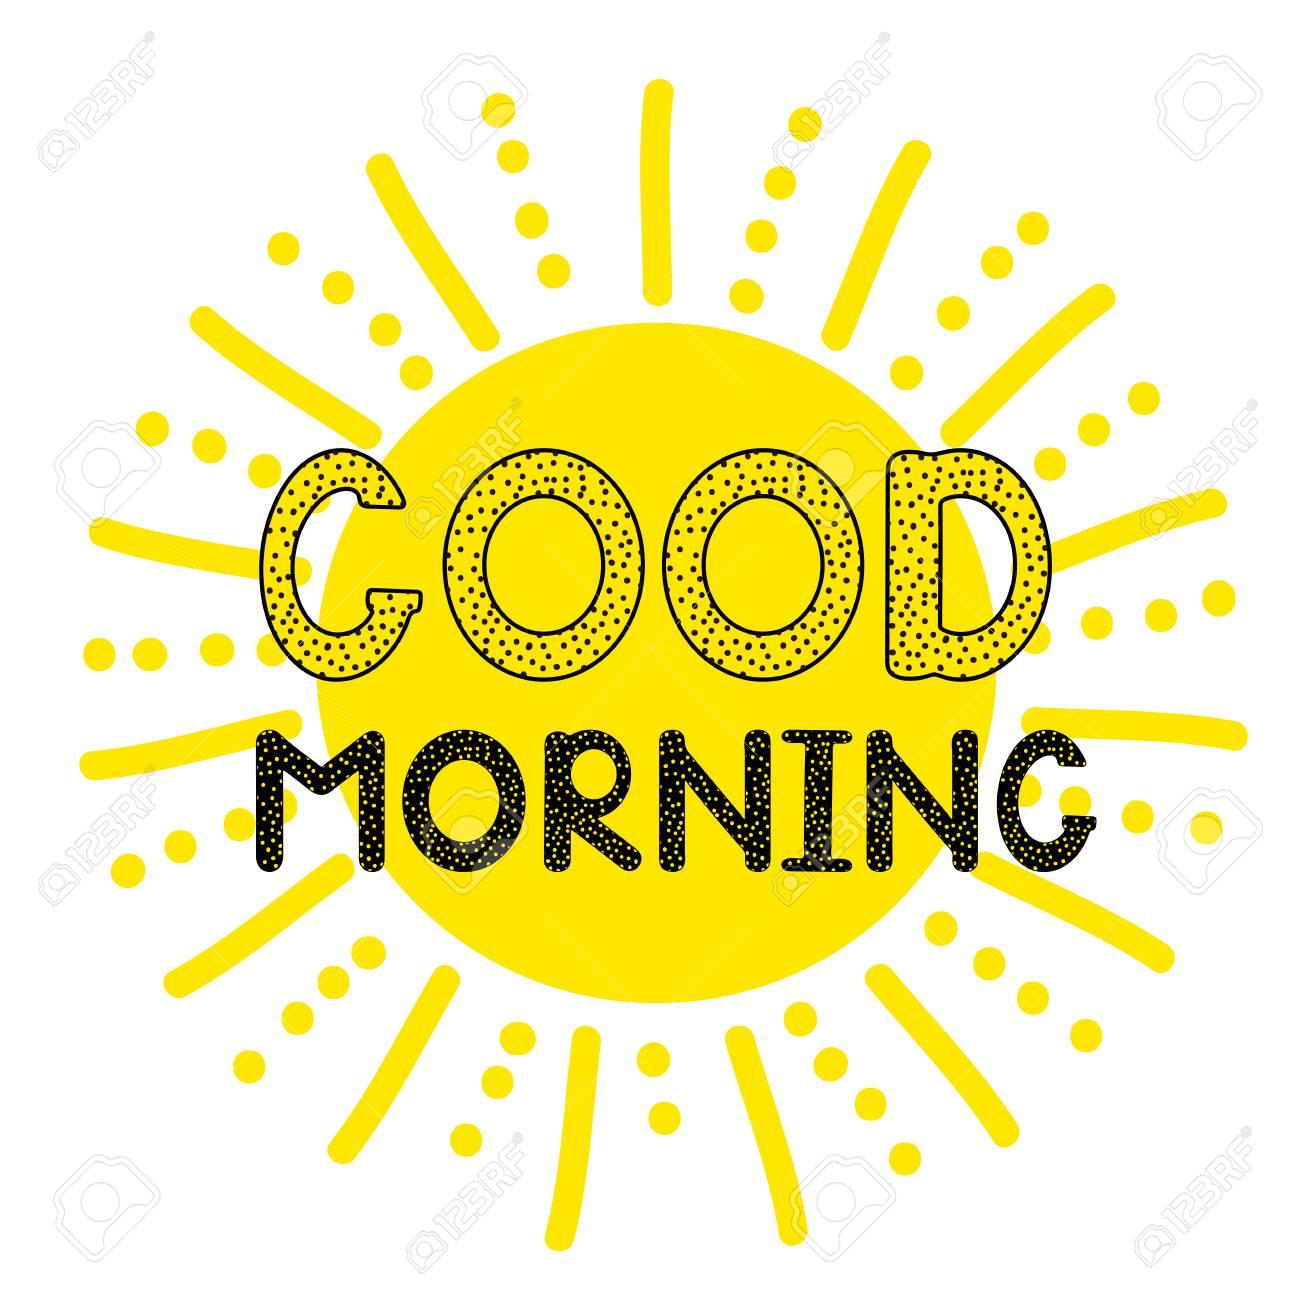 Good morning - handwritten creative text and sun icon  Vector